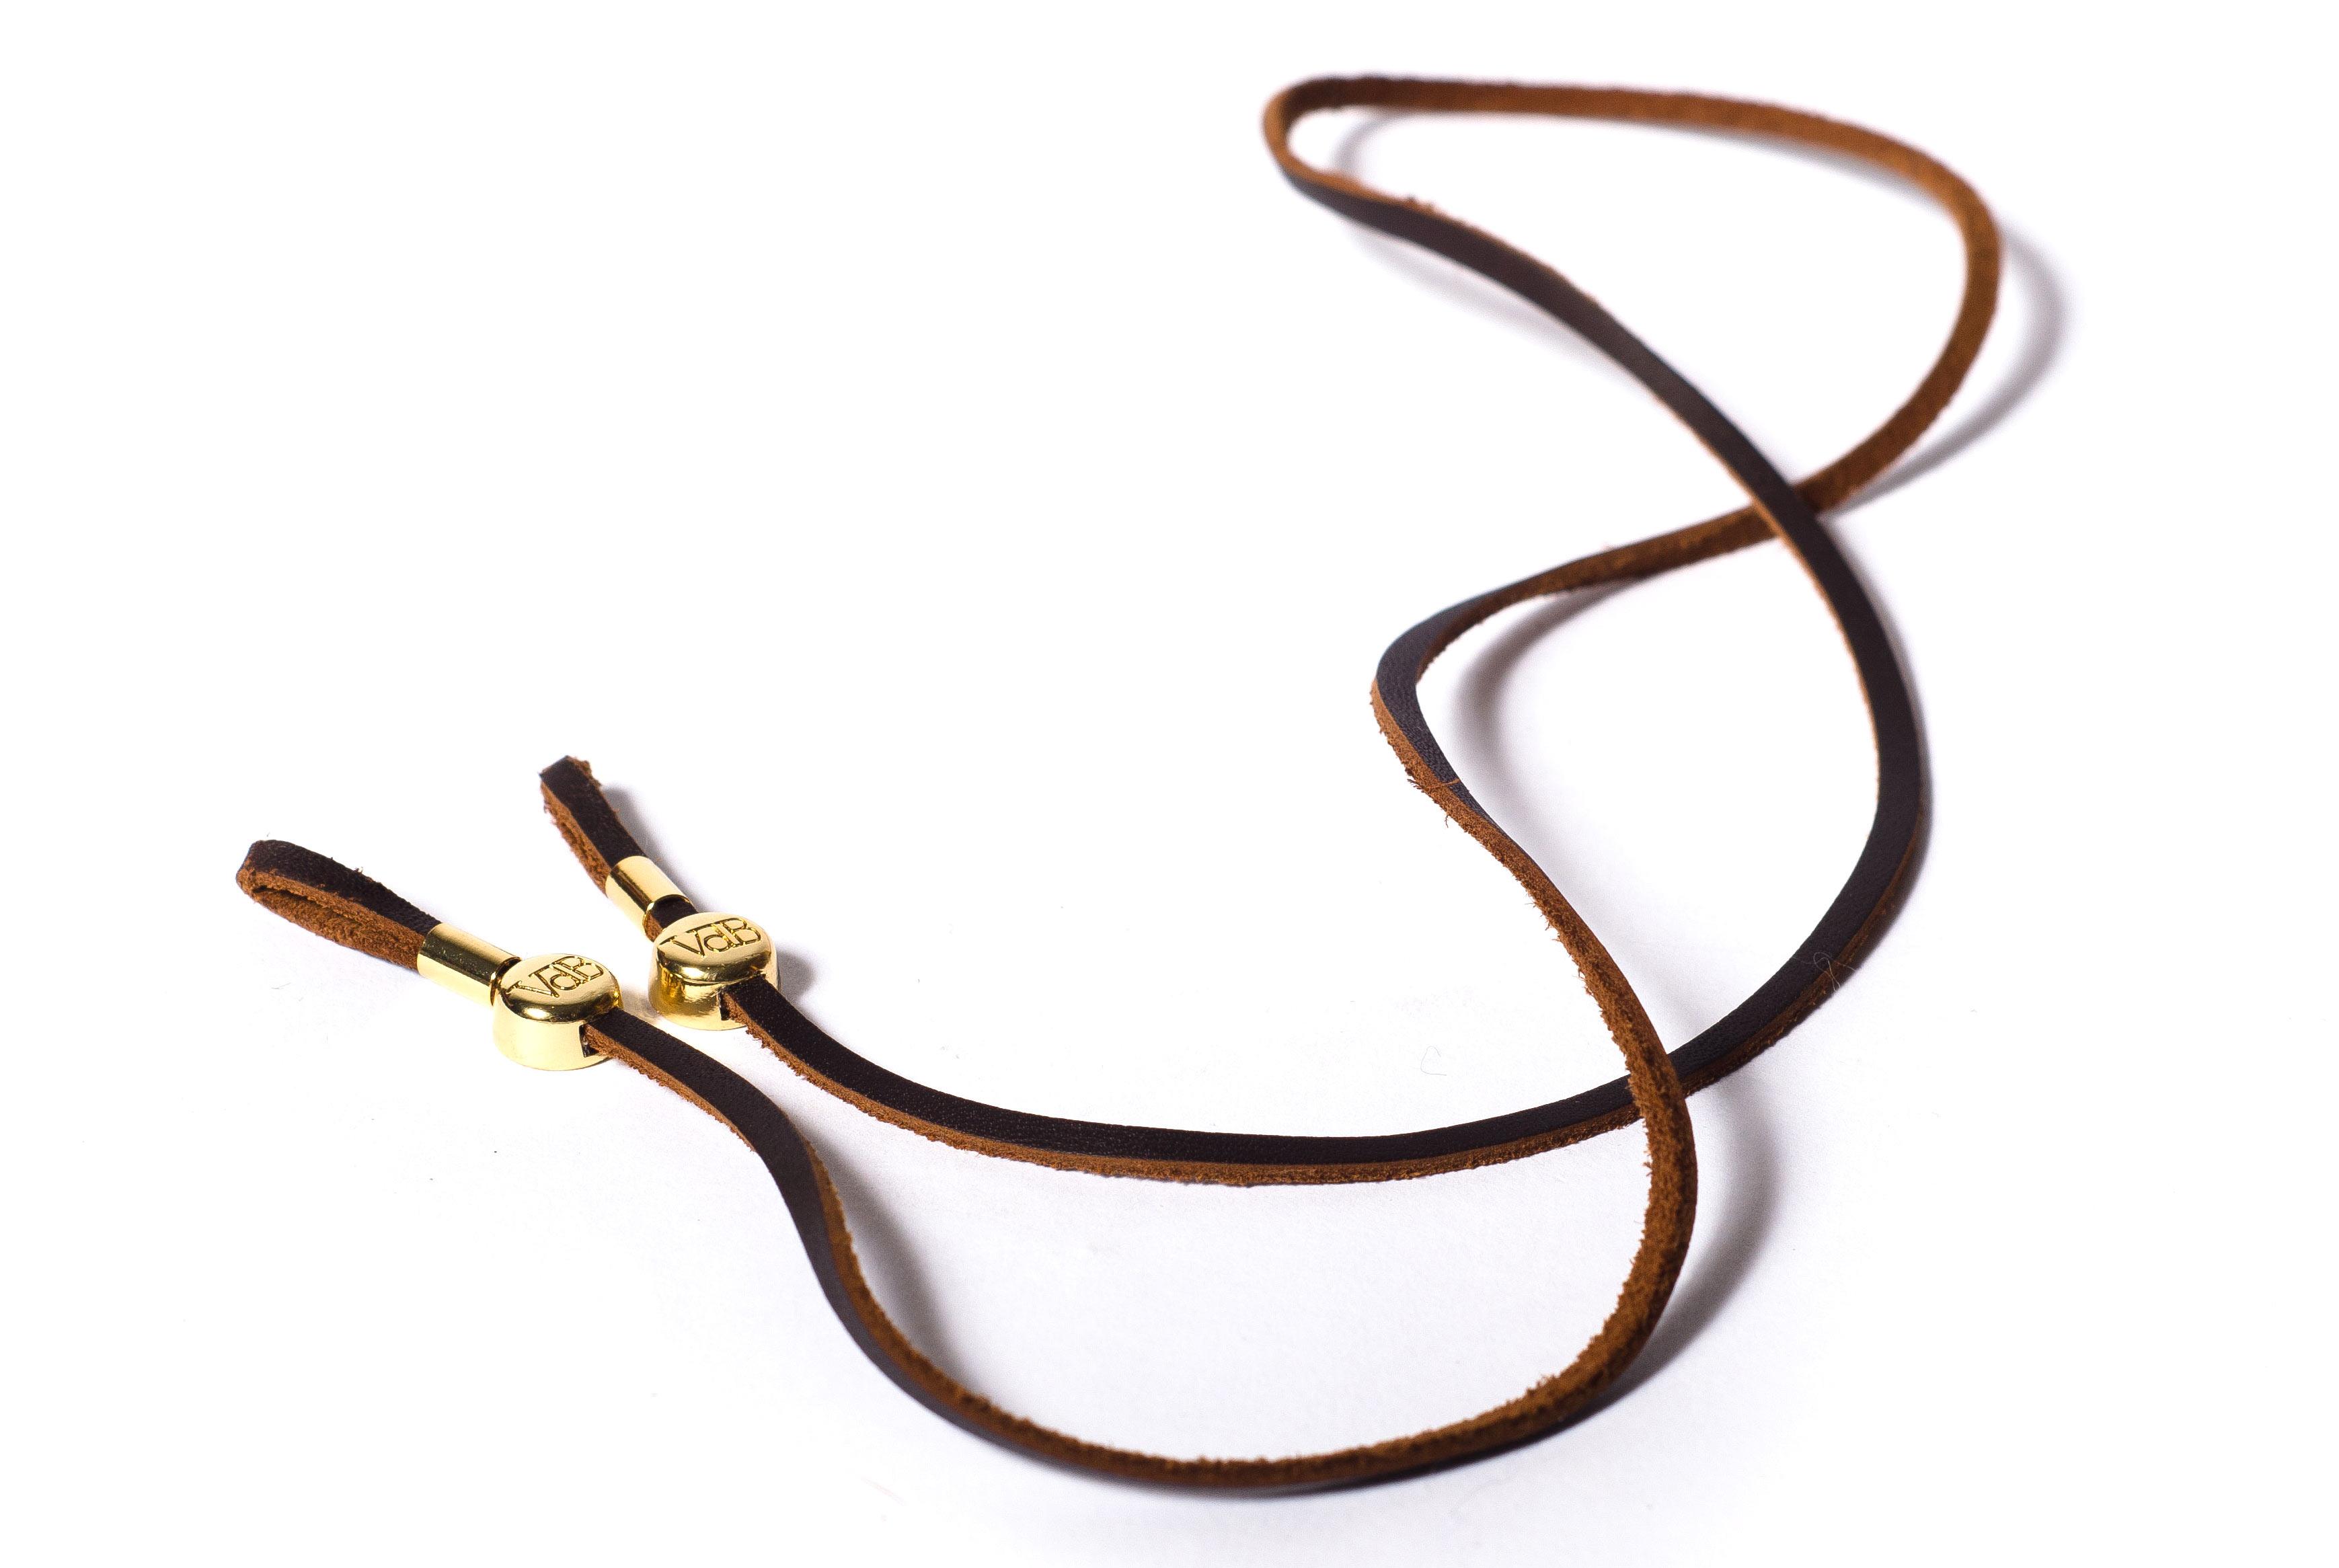 cord for sunglasses